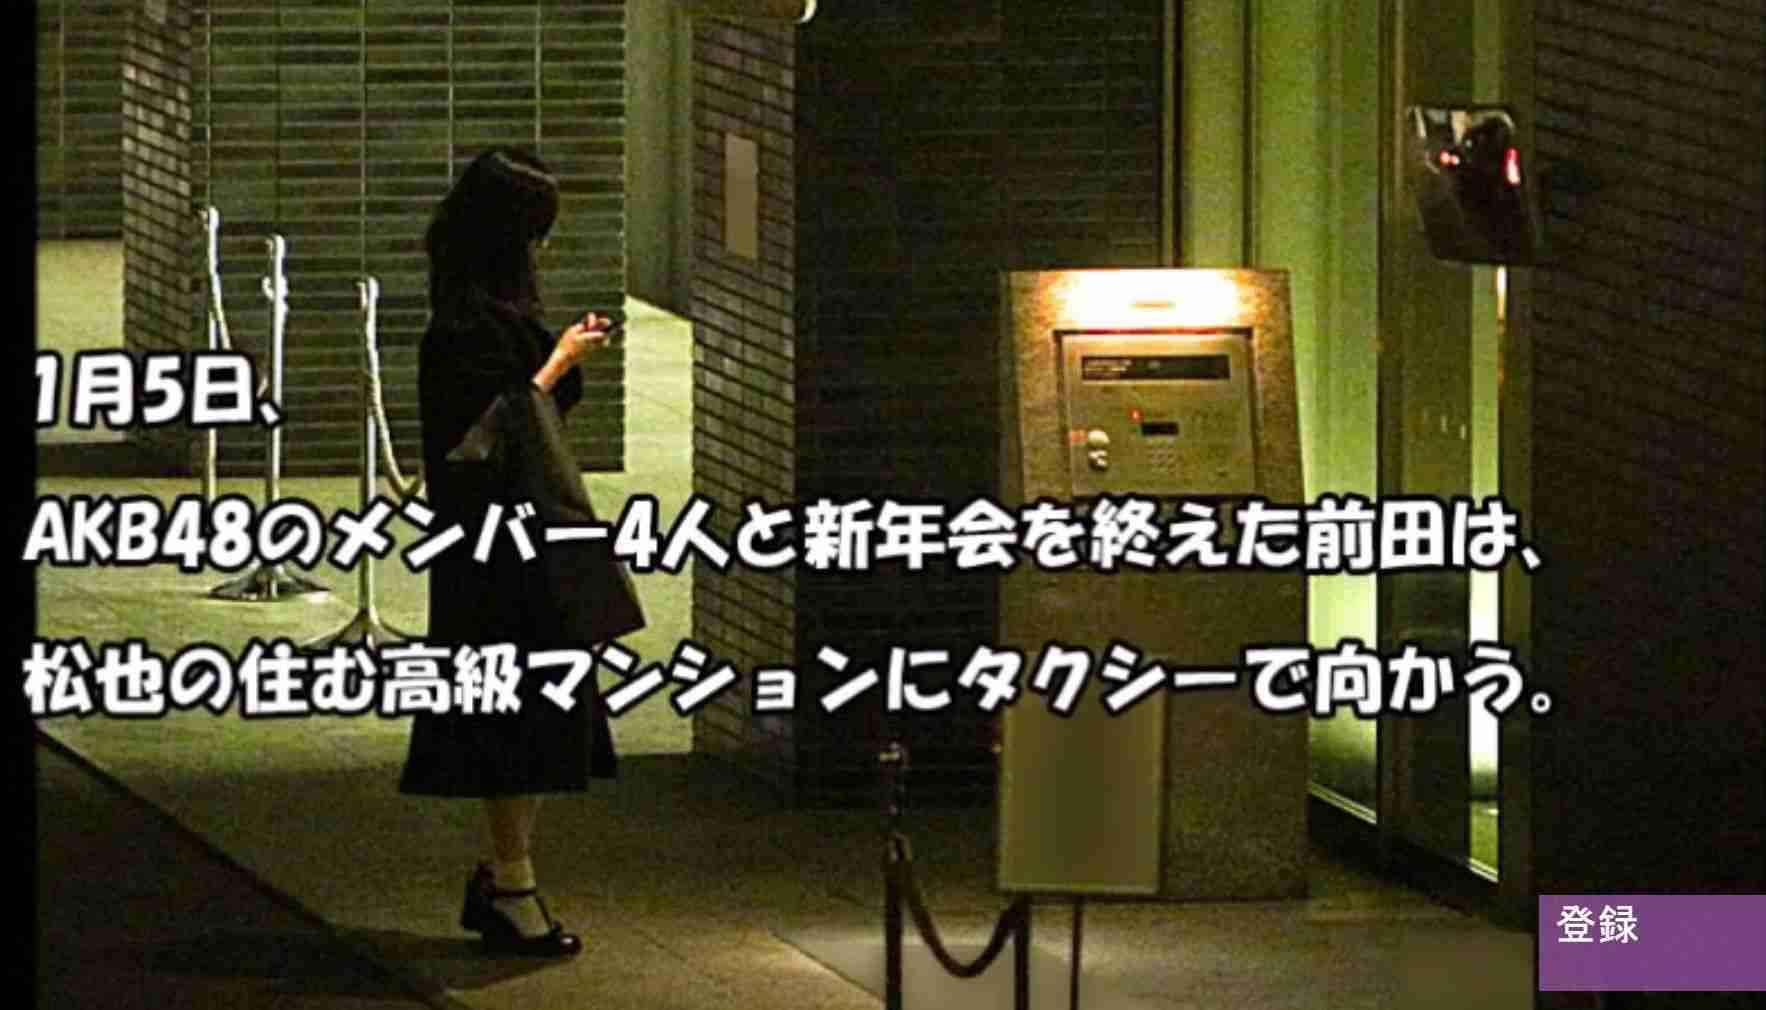 【画像あり】前田敦子、冬夜に尾上松也の自宅前で携帯握り立ち尽くす…噂絶えない松也に「何様なのか」